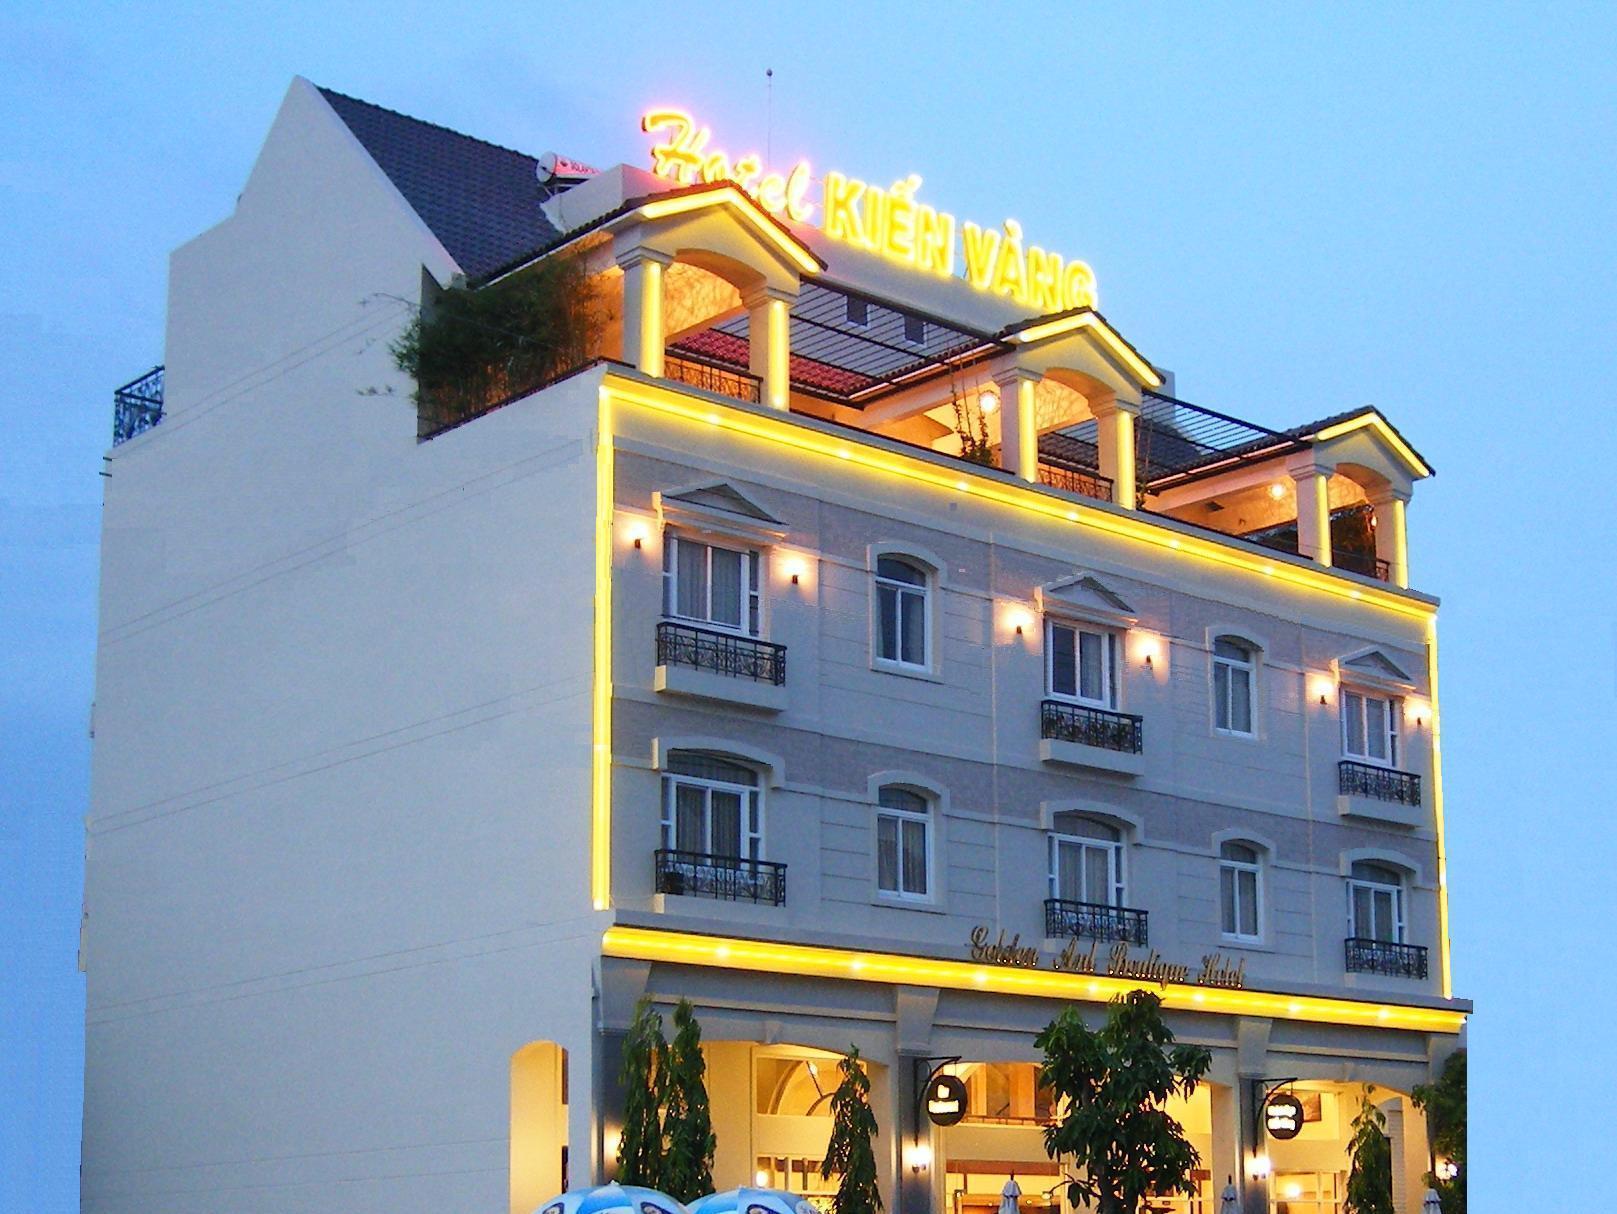 Golden Ant Hotel - Hotell och Boende i Vietnam , Ho Chi Minh City